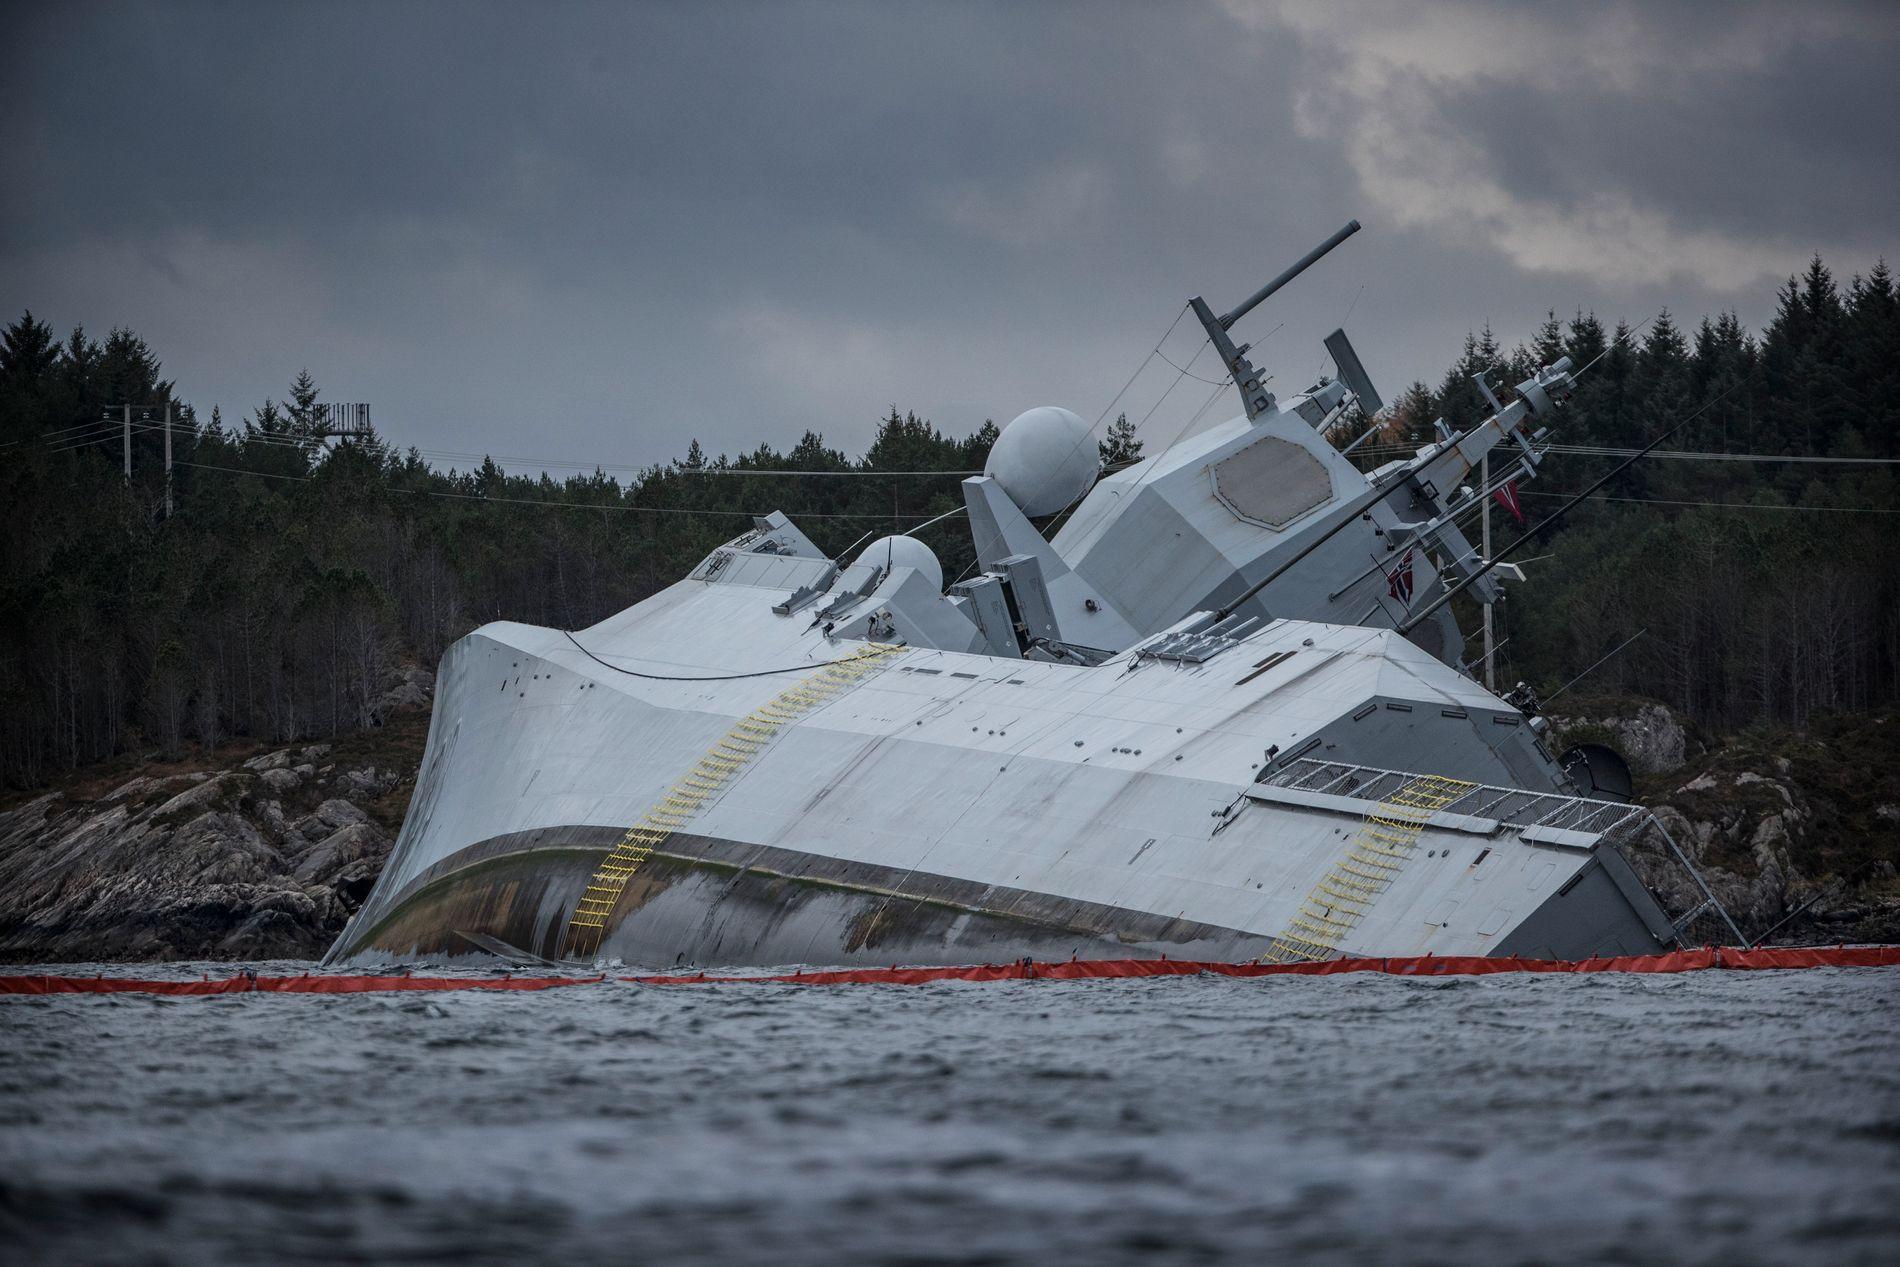 KRENGET: Det store fregattskipet KNM Helge Ingstad ligger med en kraftig krengning inn mot land - med et tynt lag med olje og lenser rundt skipet.